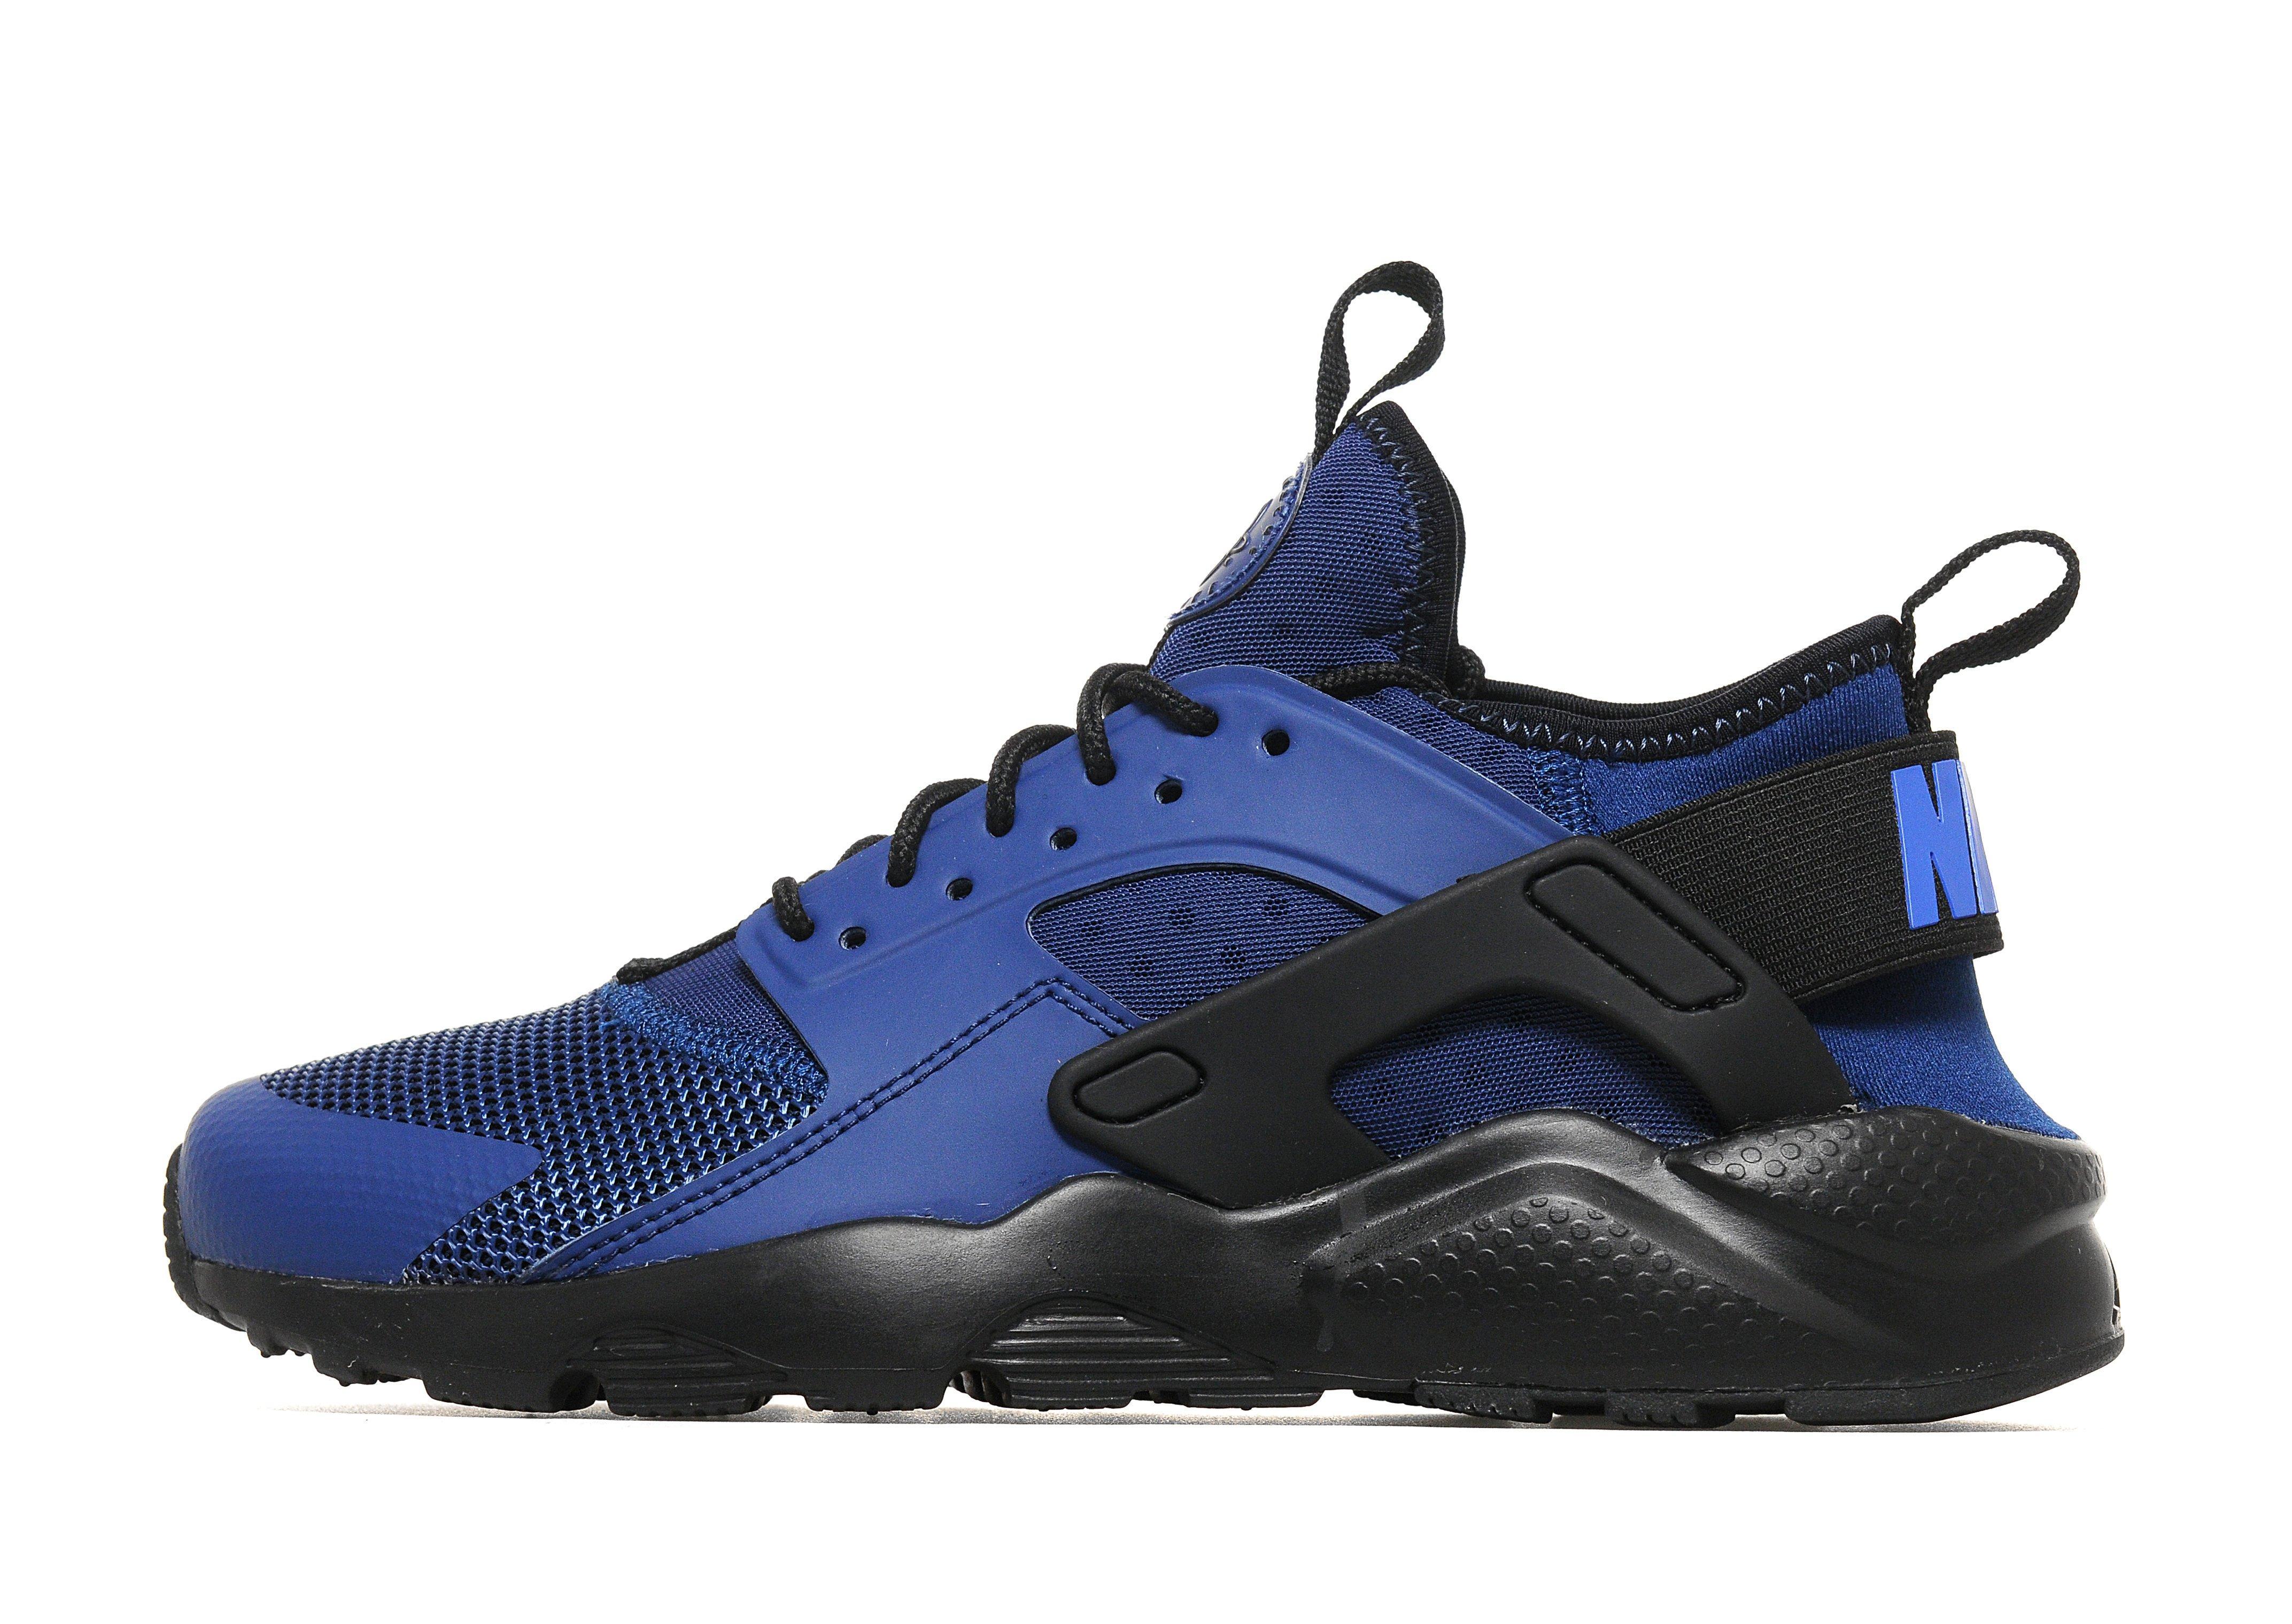 déstockage de dédouanement Nike Huarache Junior Noir Et Bleu sneakernews recherche en ligne authentique en ligne Coût RiKnL